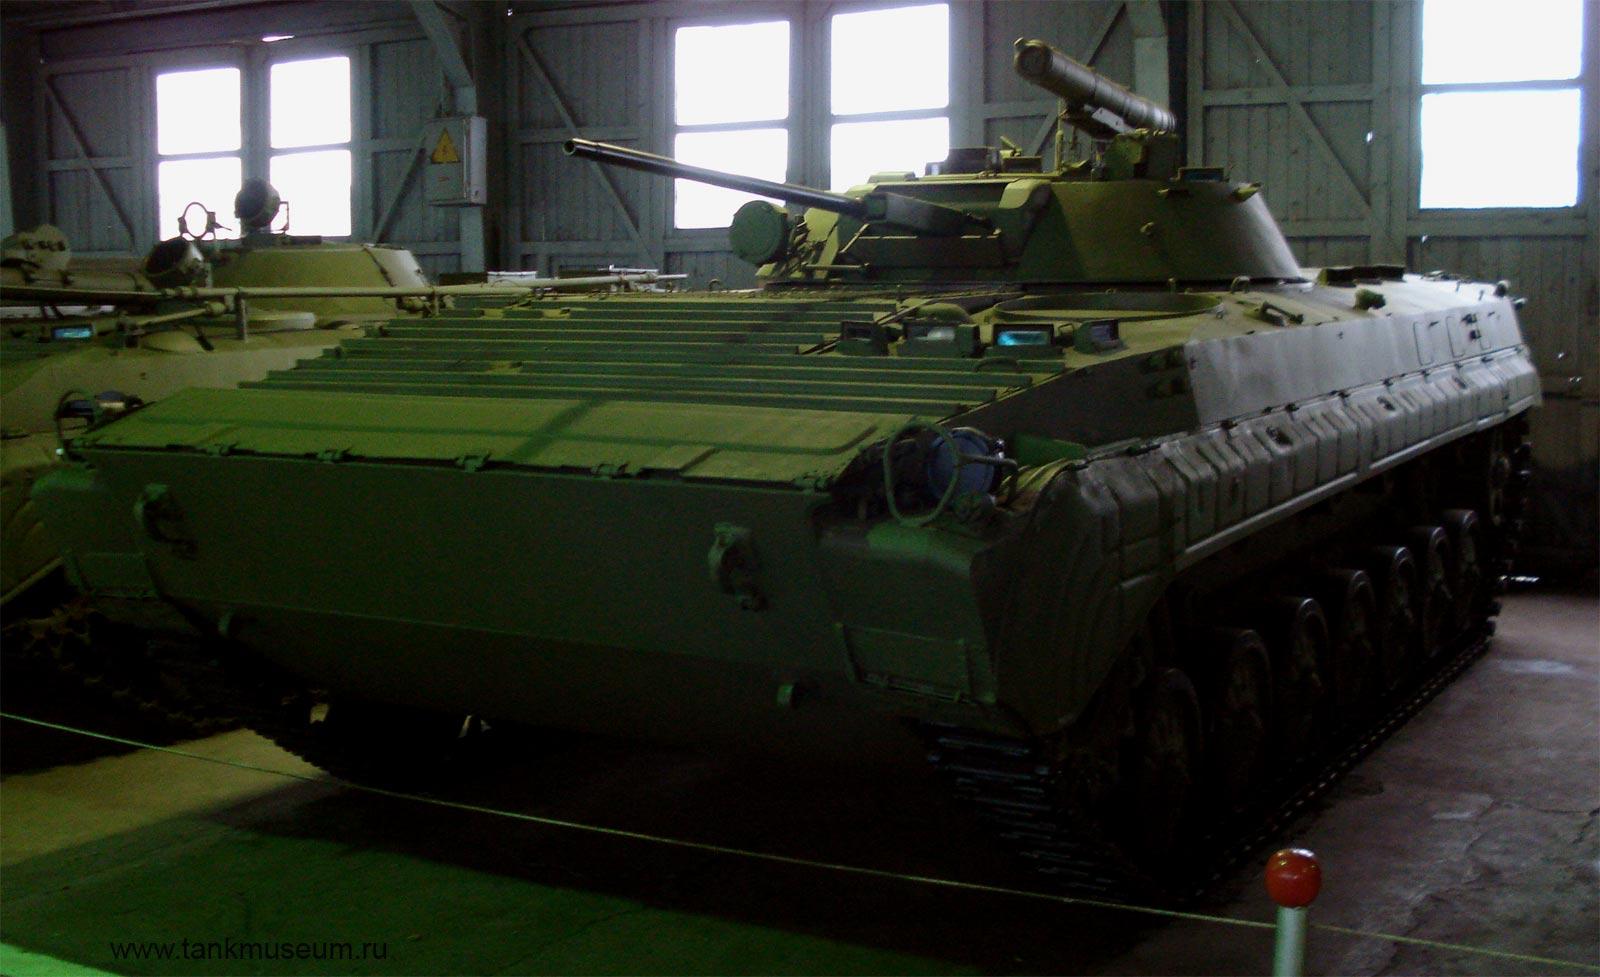 Боевая Машина Пехоты объект 769, танковый музей Кубинка